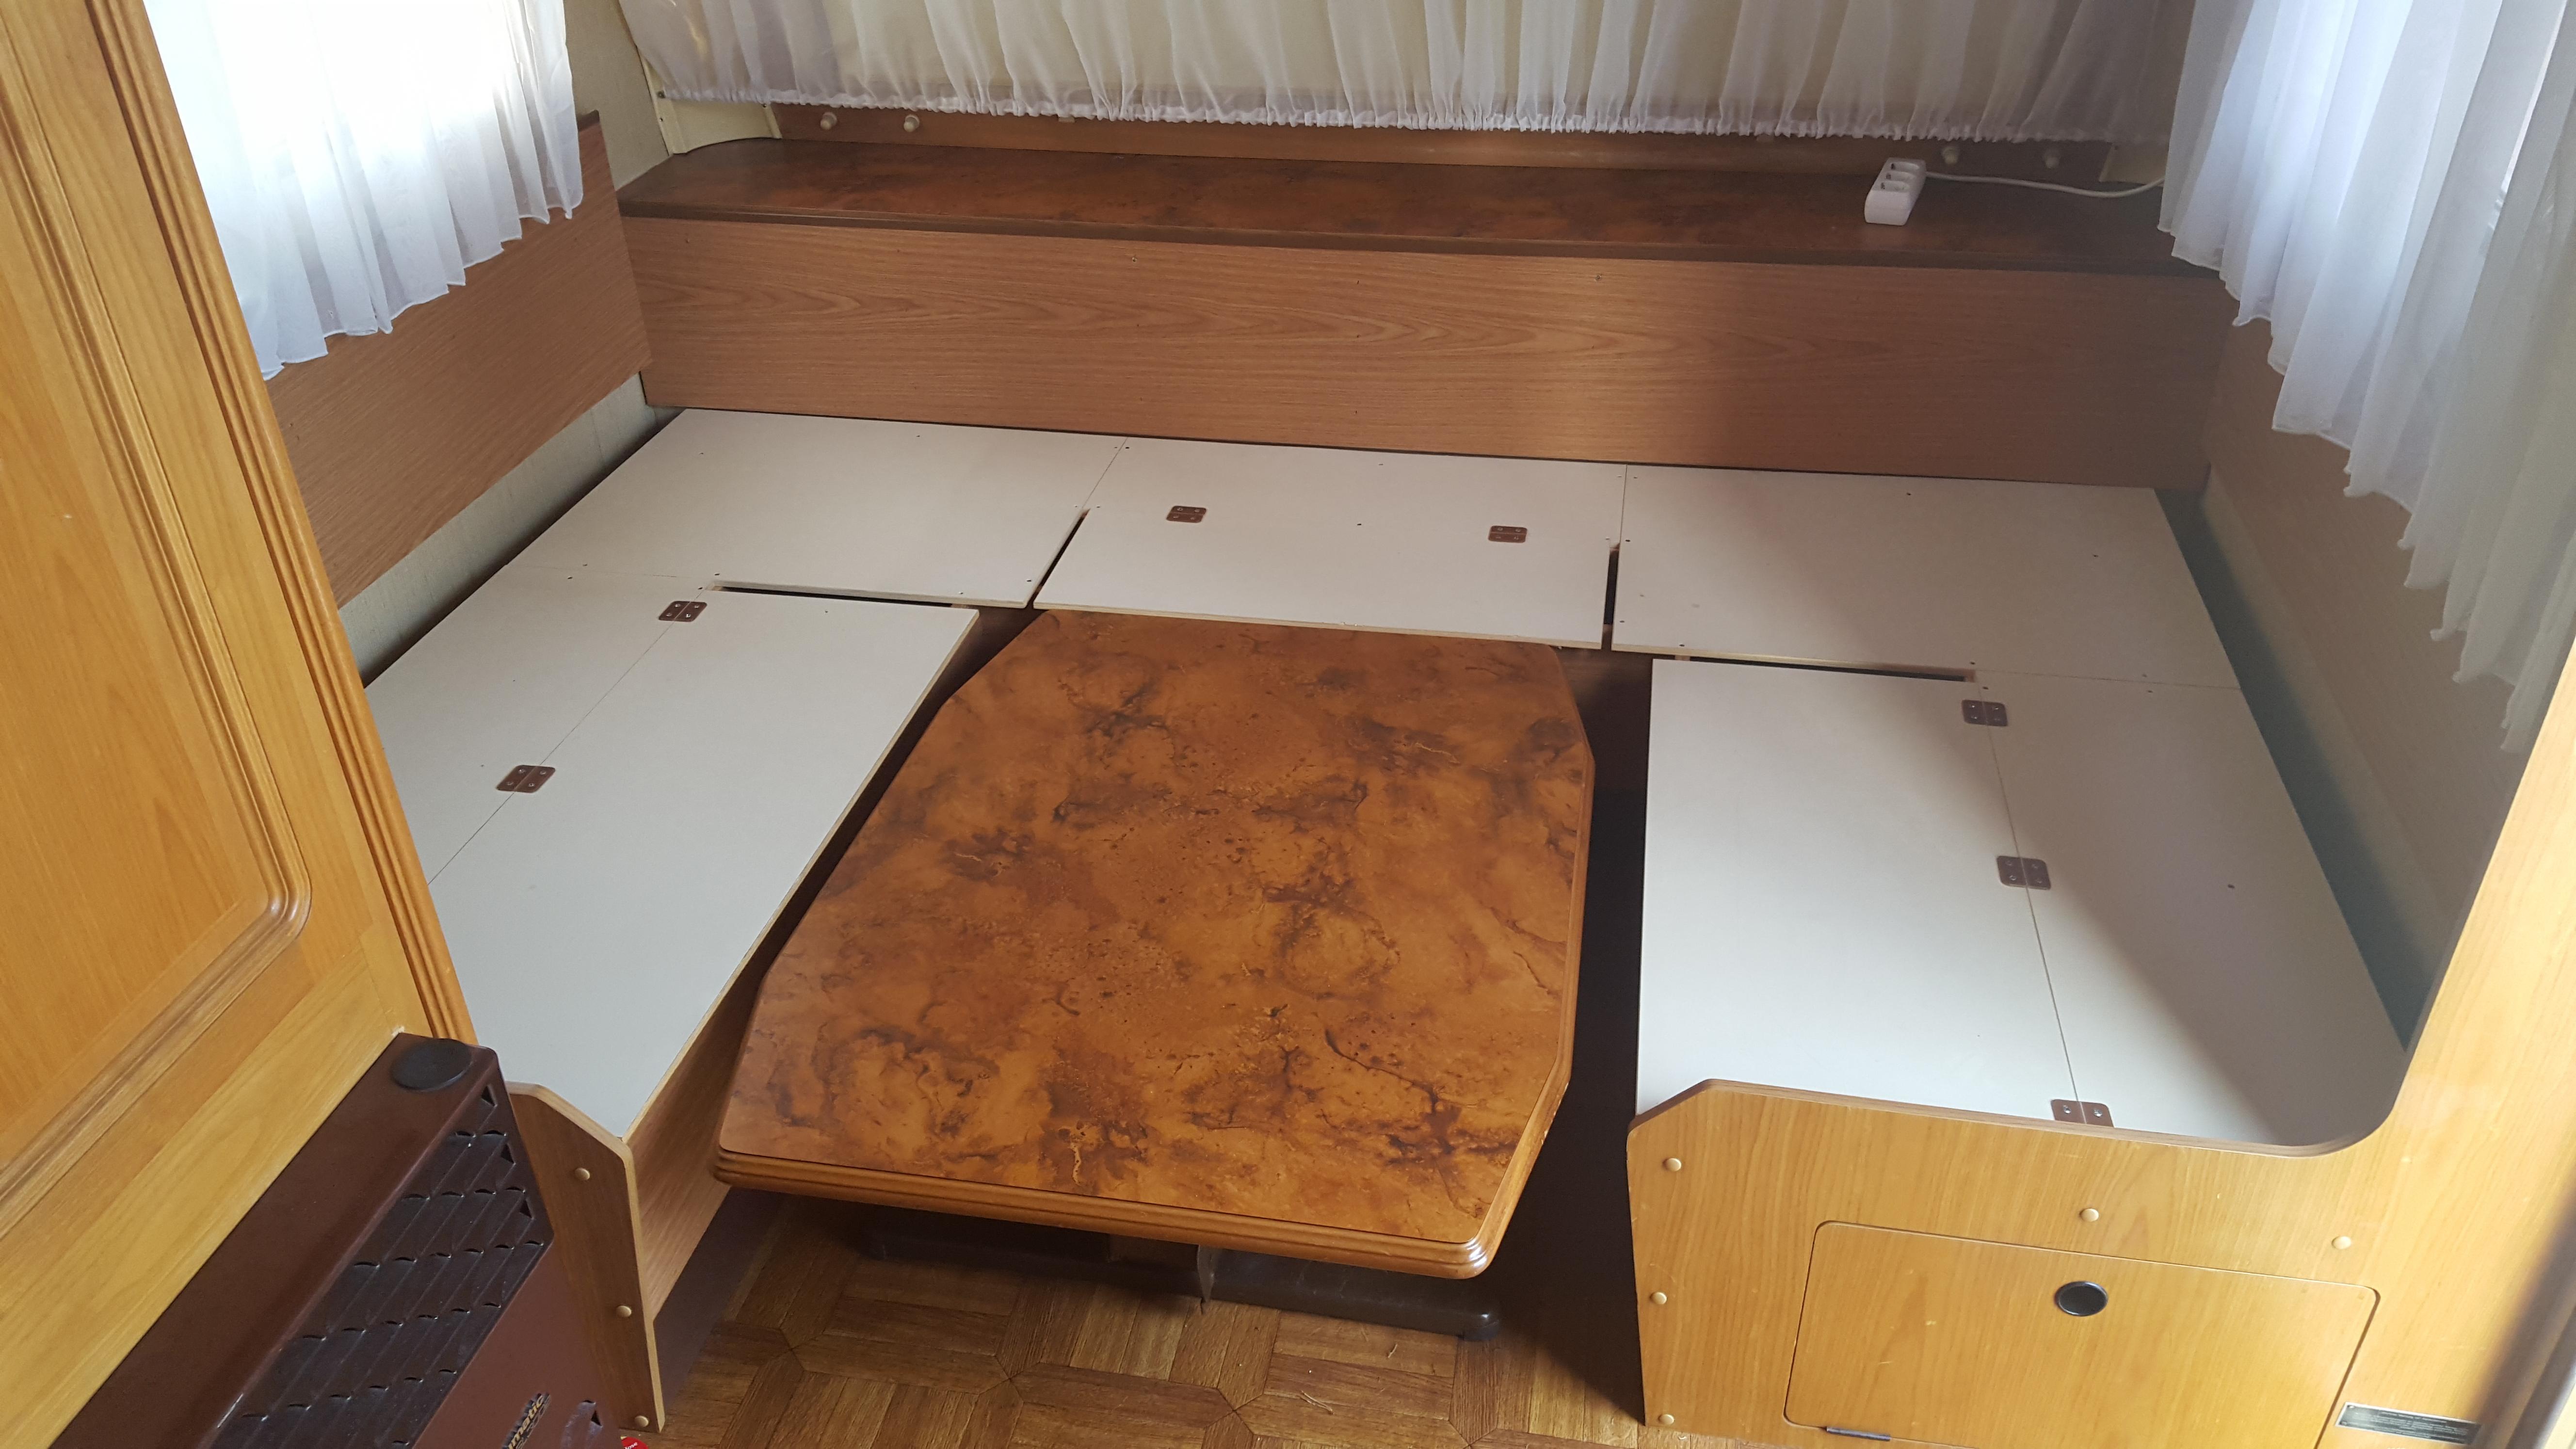 umbau sitzecke raus festbett rein wohnwagenfamilie. Black Bedroom Furniture Sets. Home Design Ideas